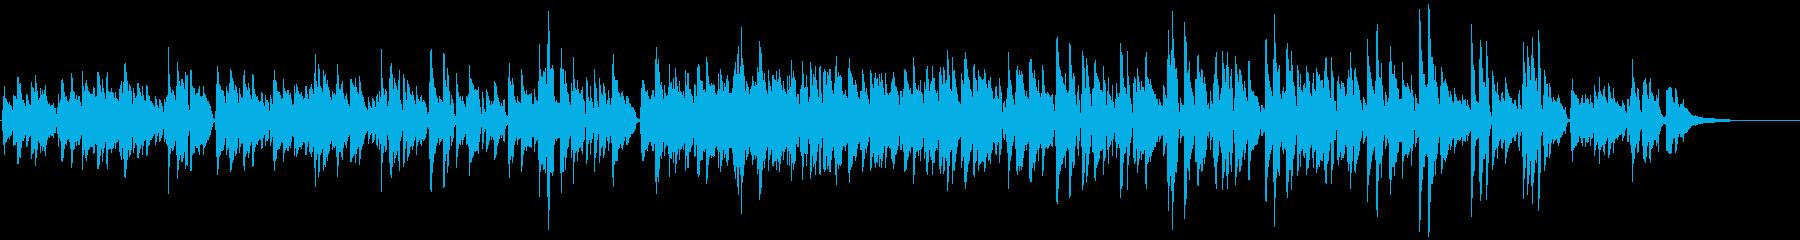 ガットギターによるほのぼのとした曲の再生済みの波形